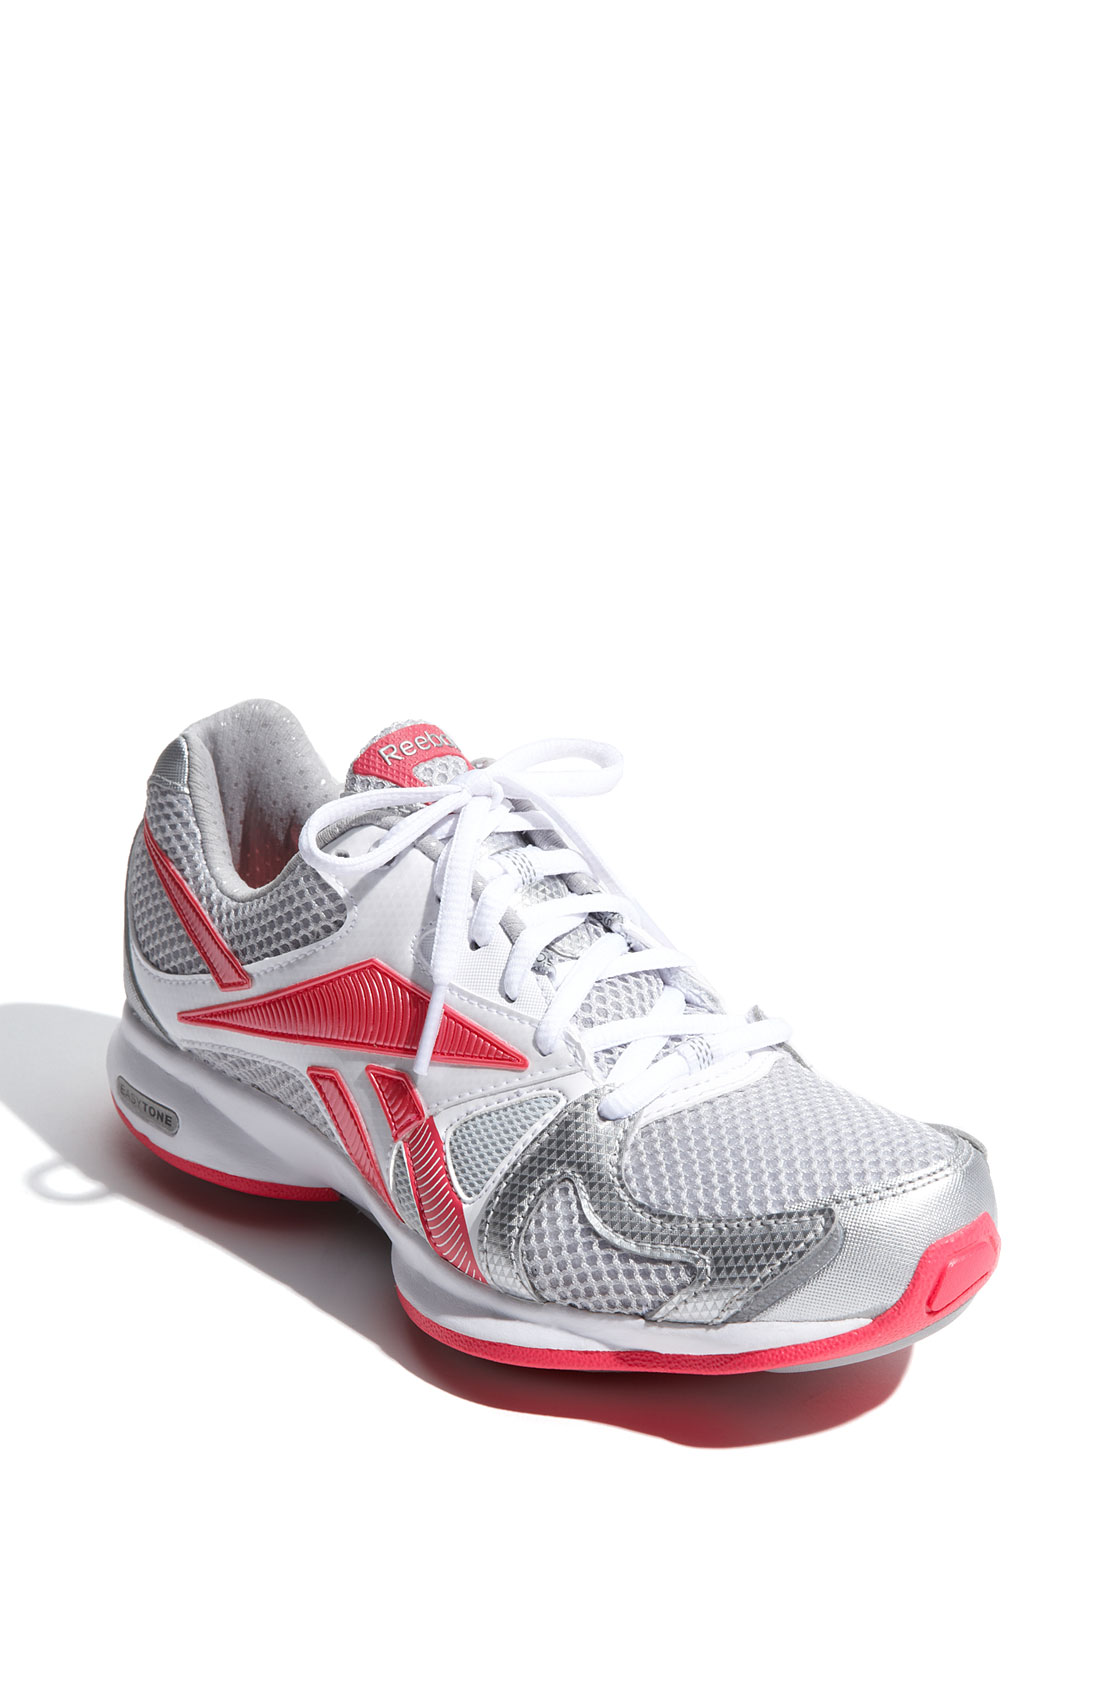 Reebok Easytone Shoes